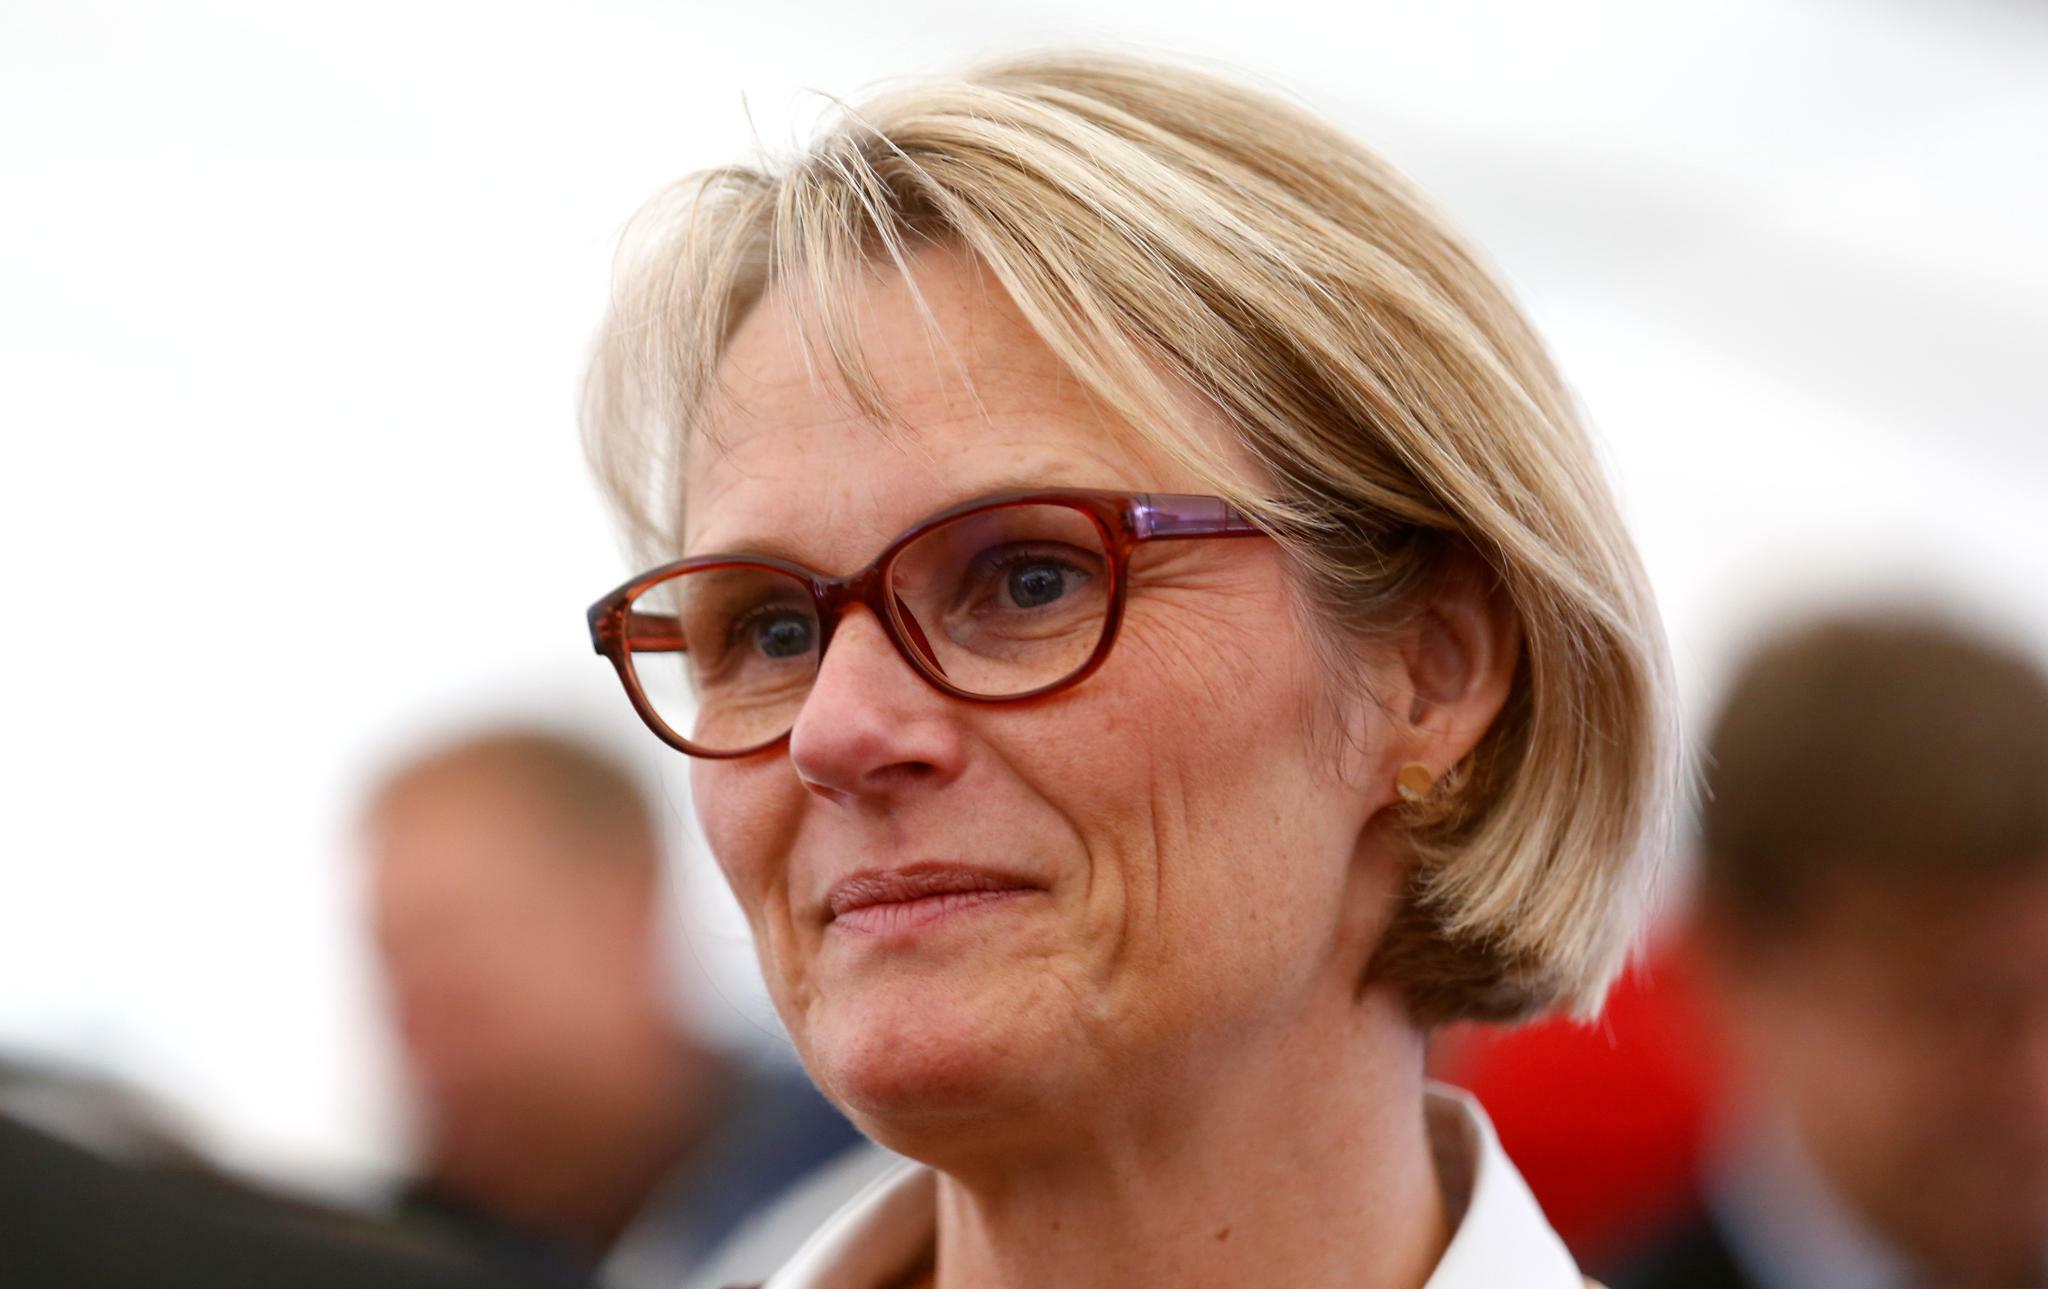 Die Opposition legt Anja Karliczek den Rücktritt nahe